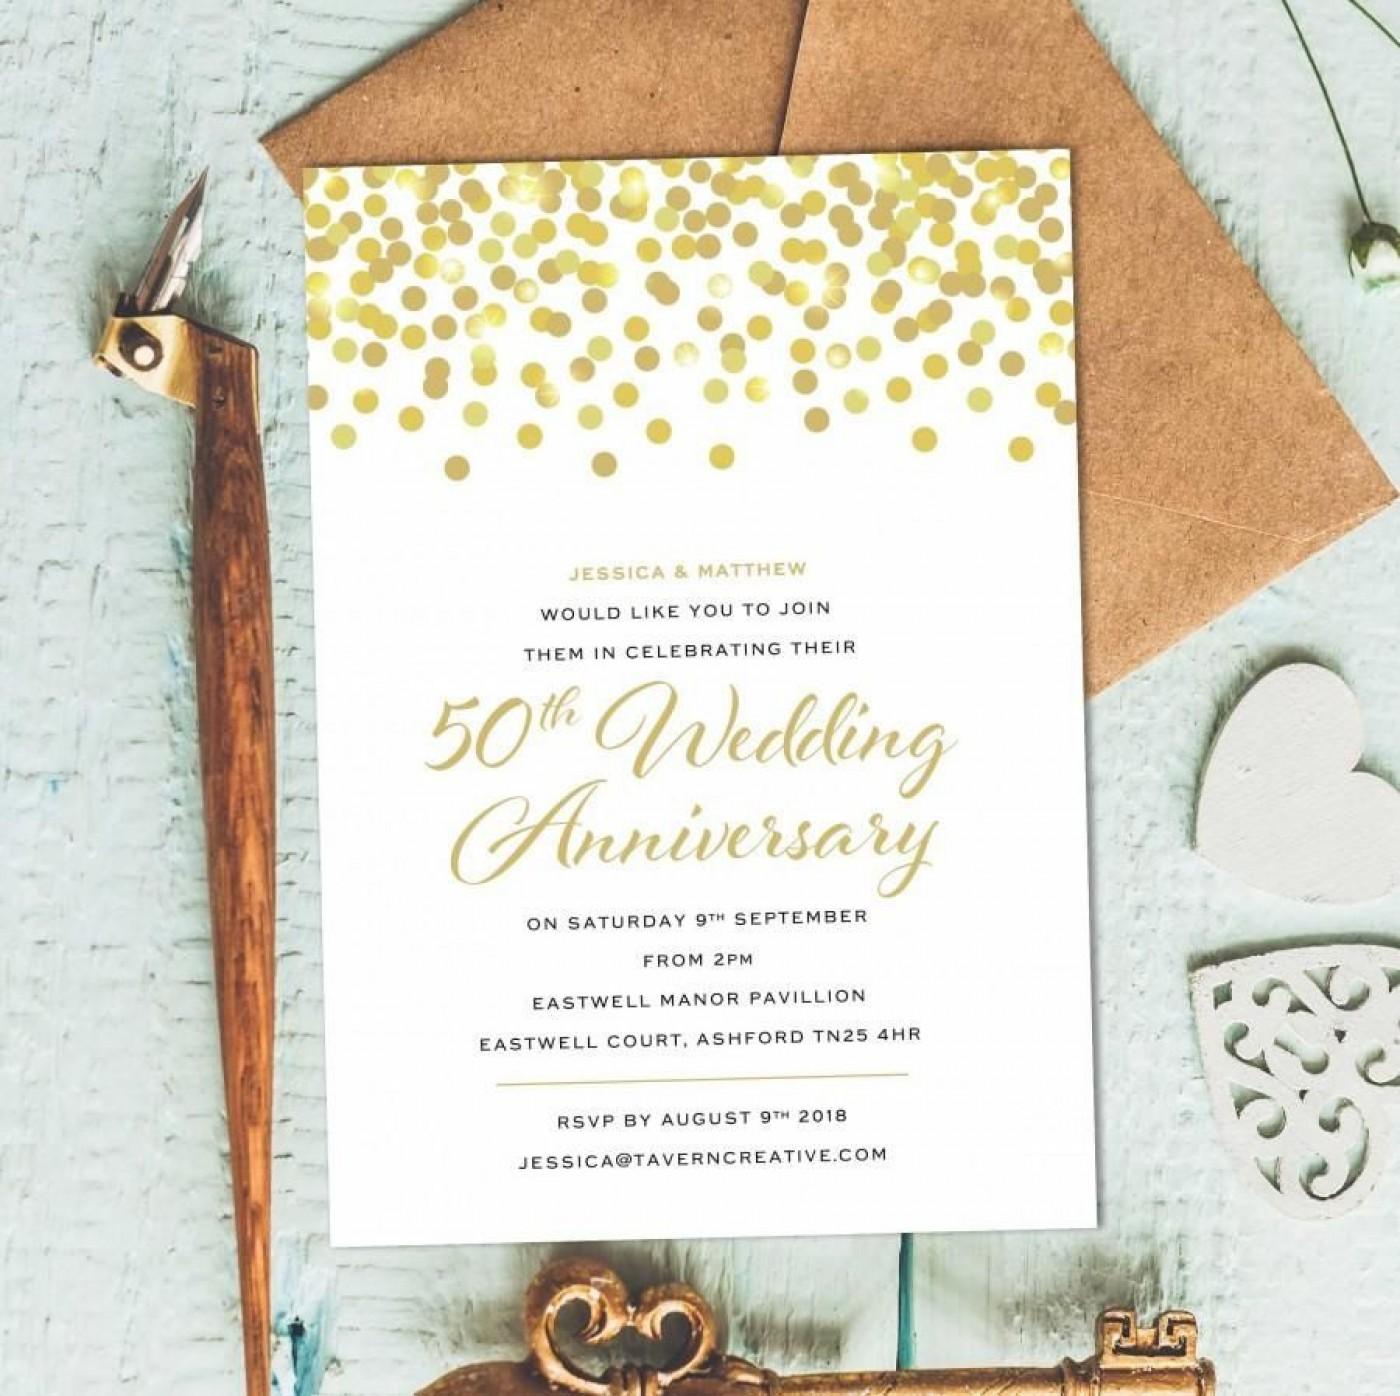 002 Unique 50th Anniversary Invitation Template Design  Wedding Microsoft Word Free Download1400